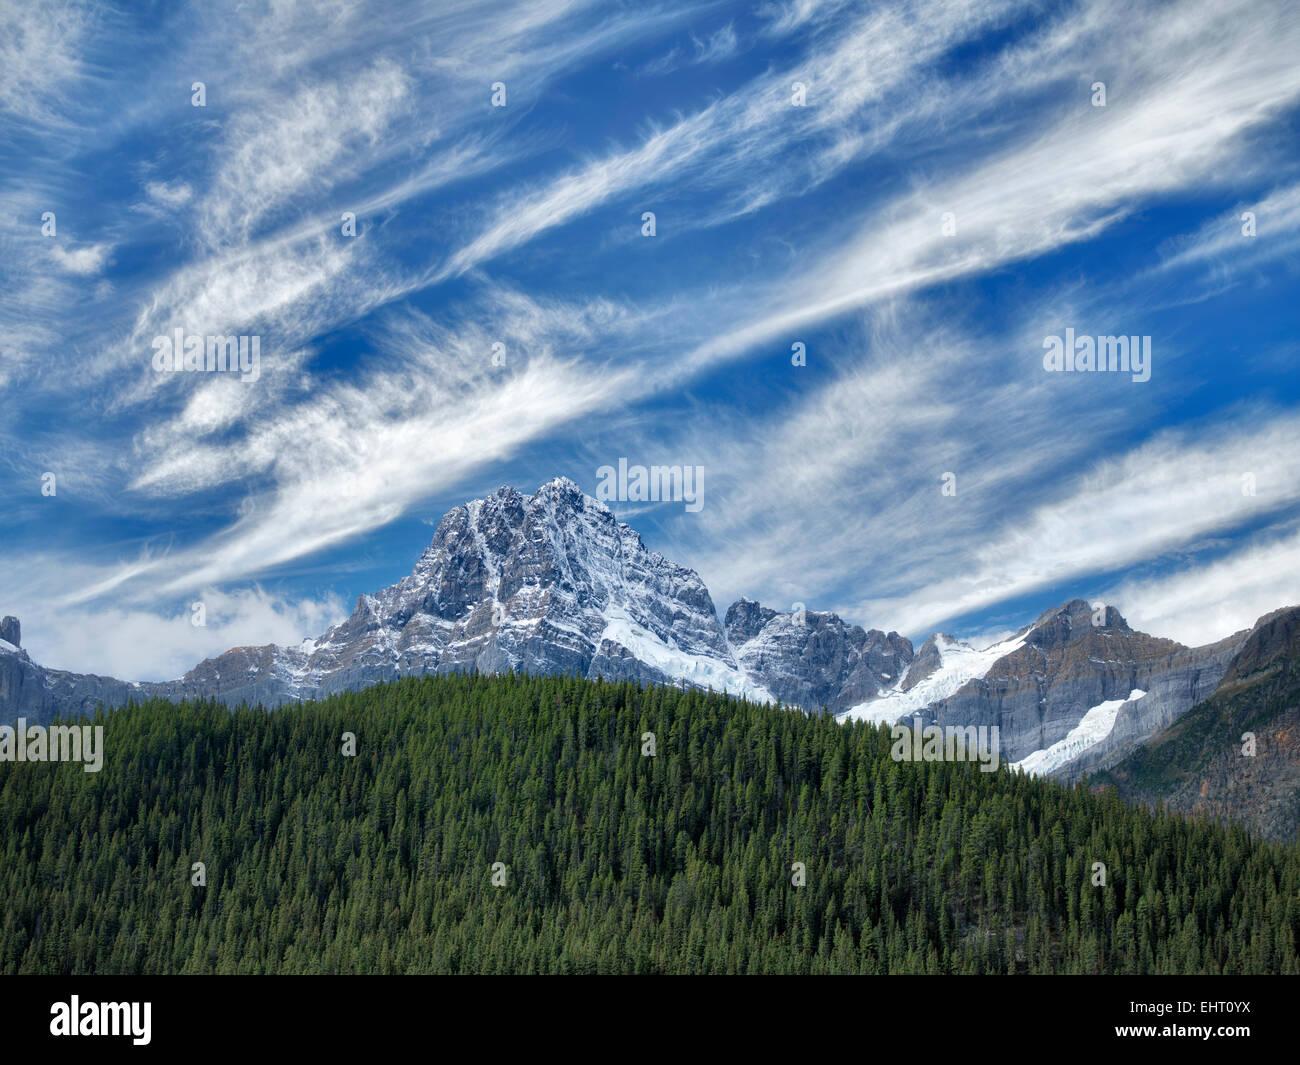 Wasserfall-Seen und Haus Peake mit Schnee und Wolken. . Banff Nationalpark. Alberta, Kanada Stockbild